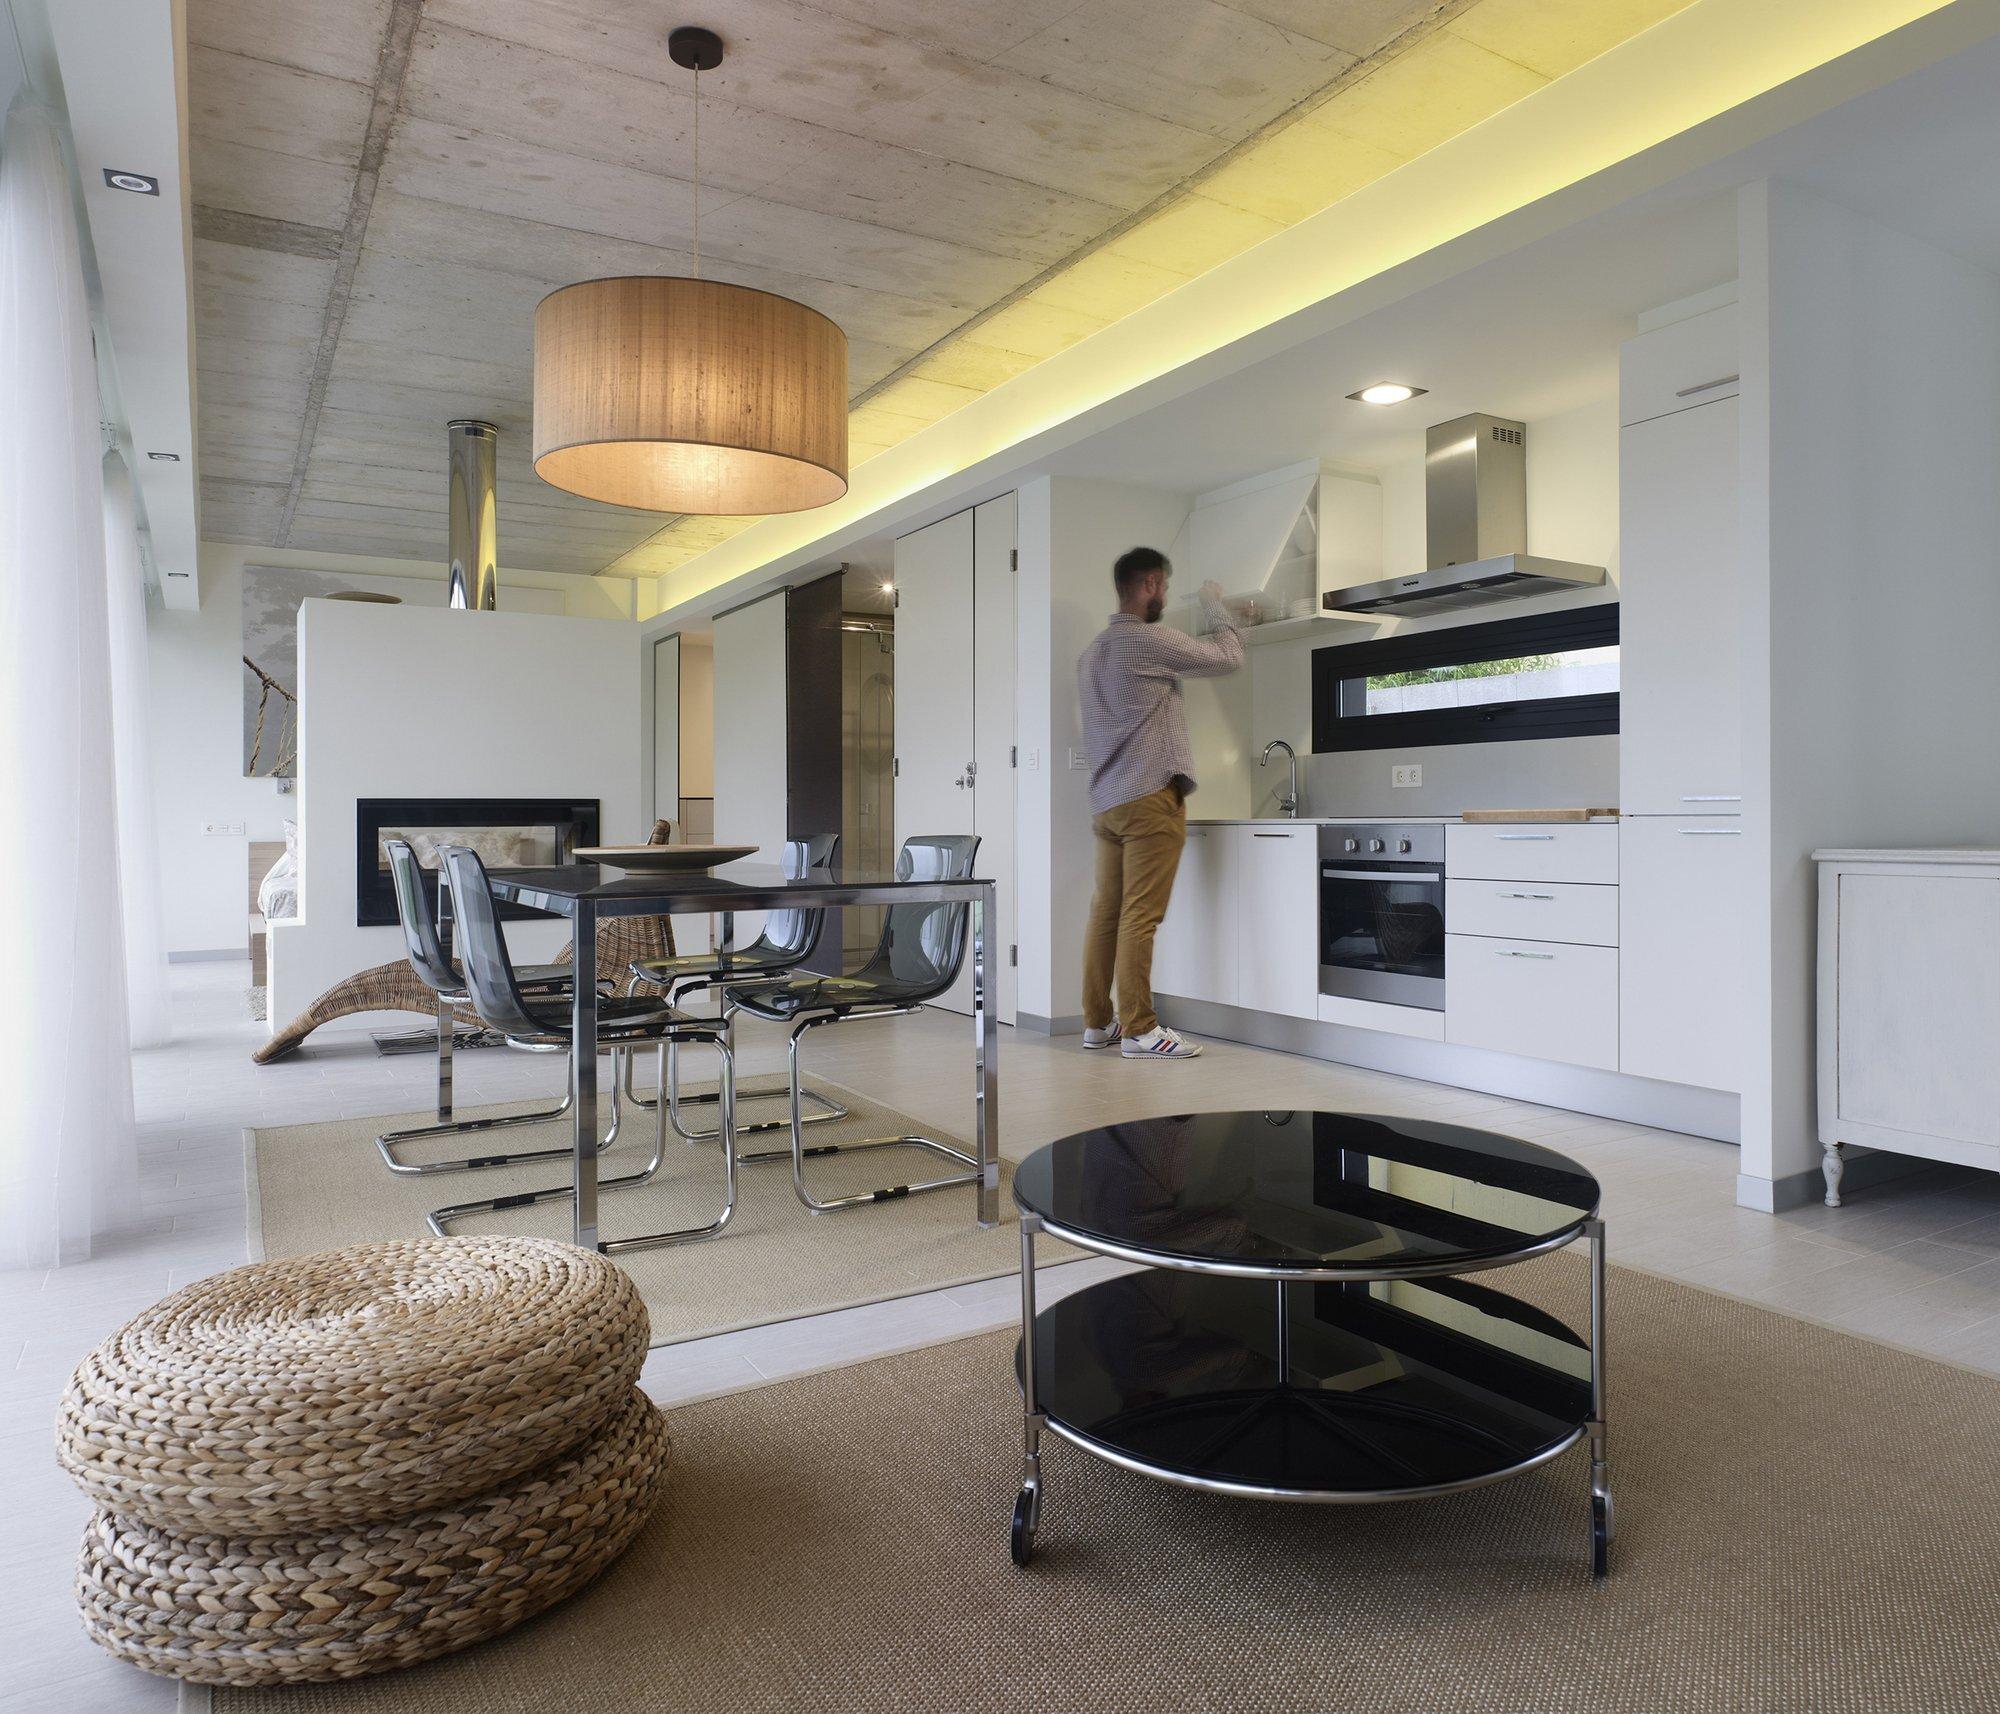 Precast concrete home plans for Comedores minimalistas